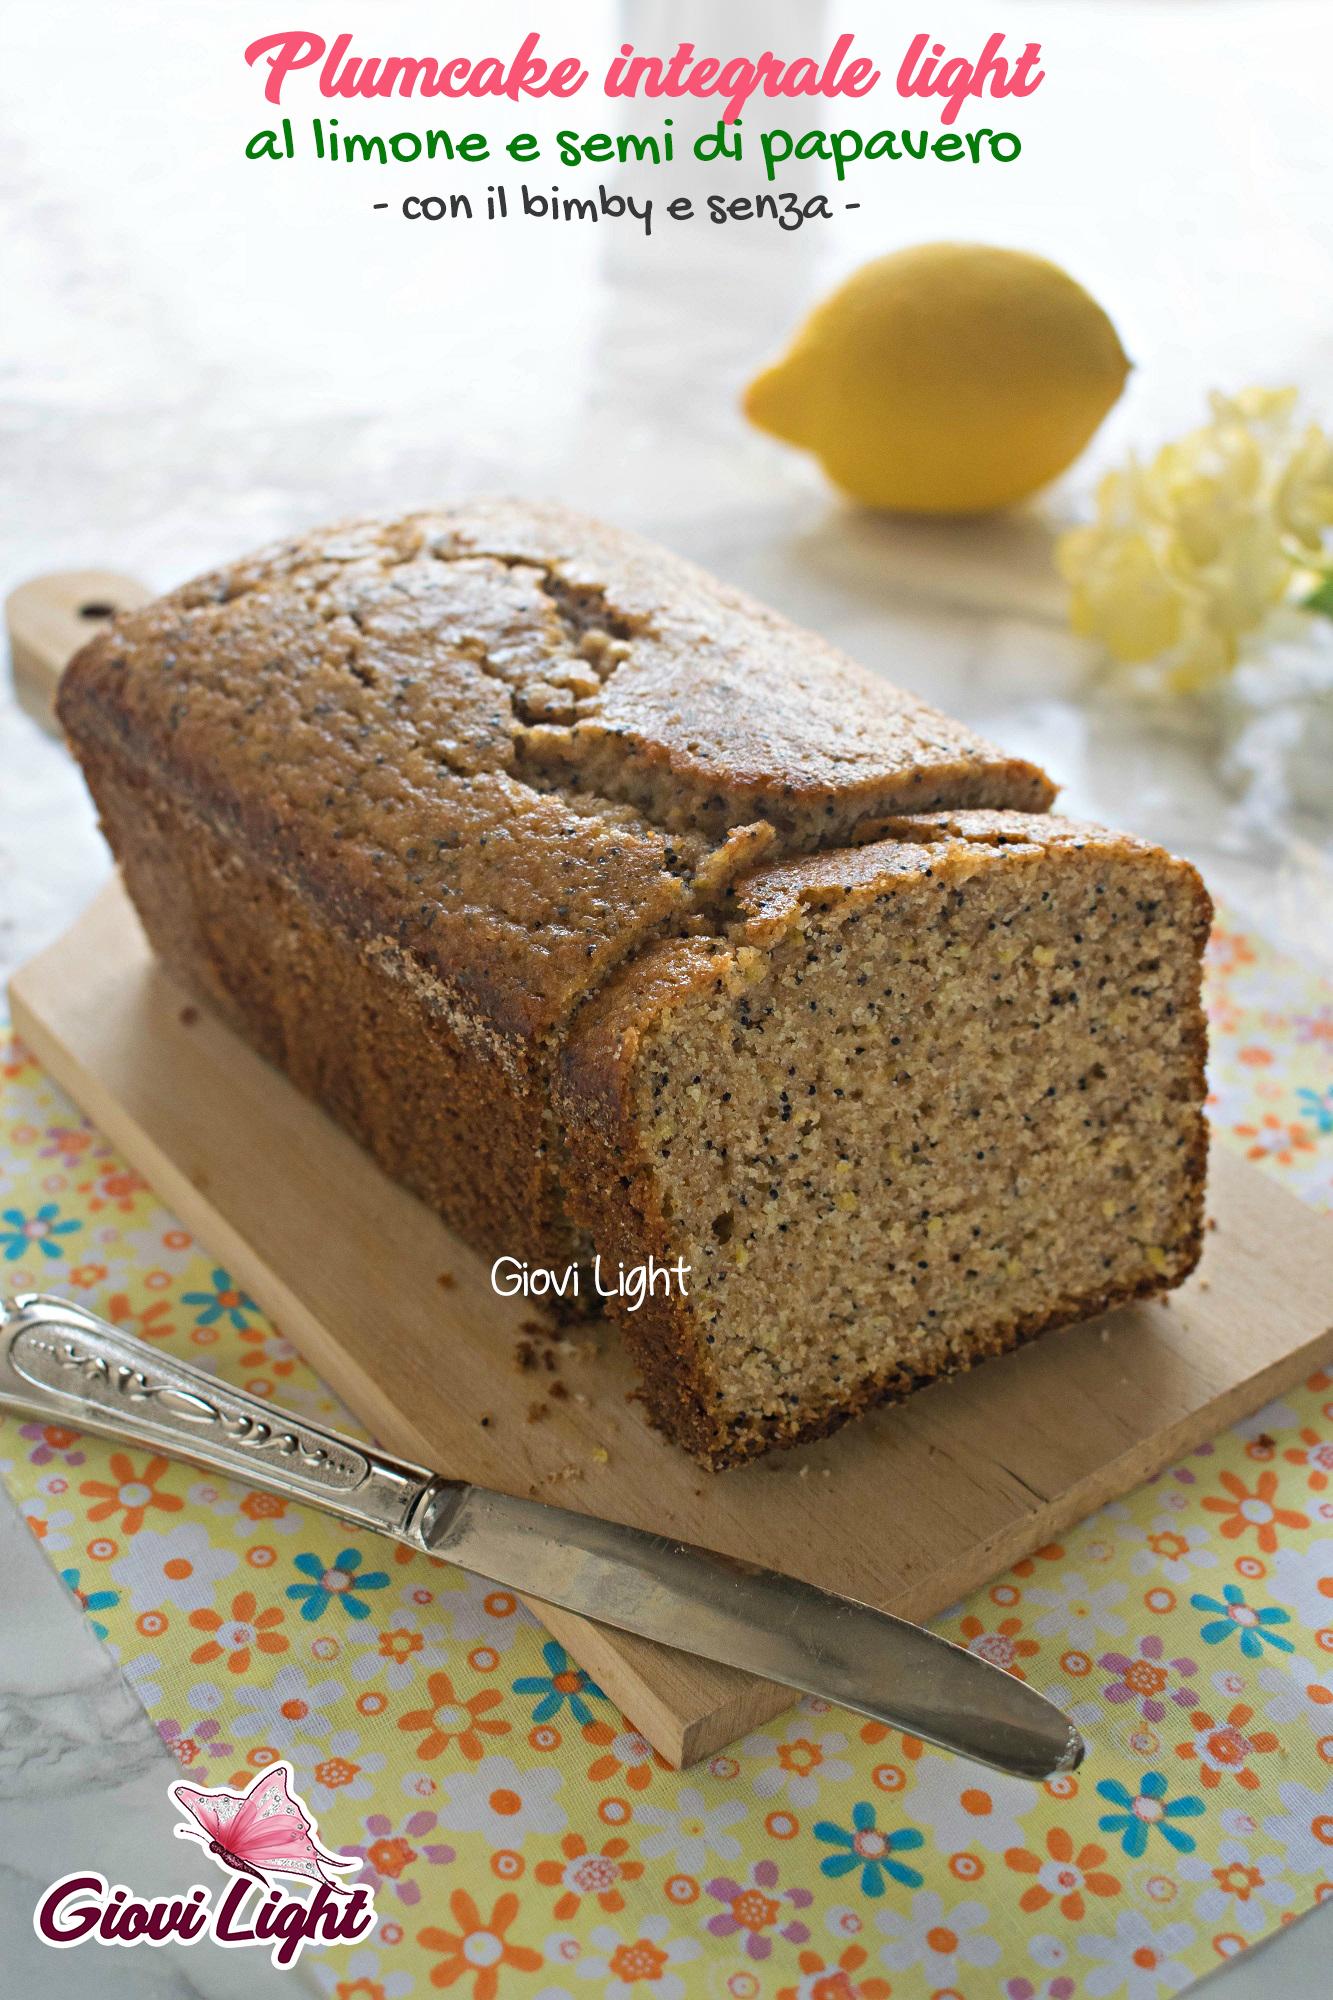 Plumcake integrale light al limone e semi di papavero \u2013 con il bimby e senza